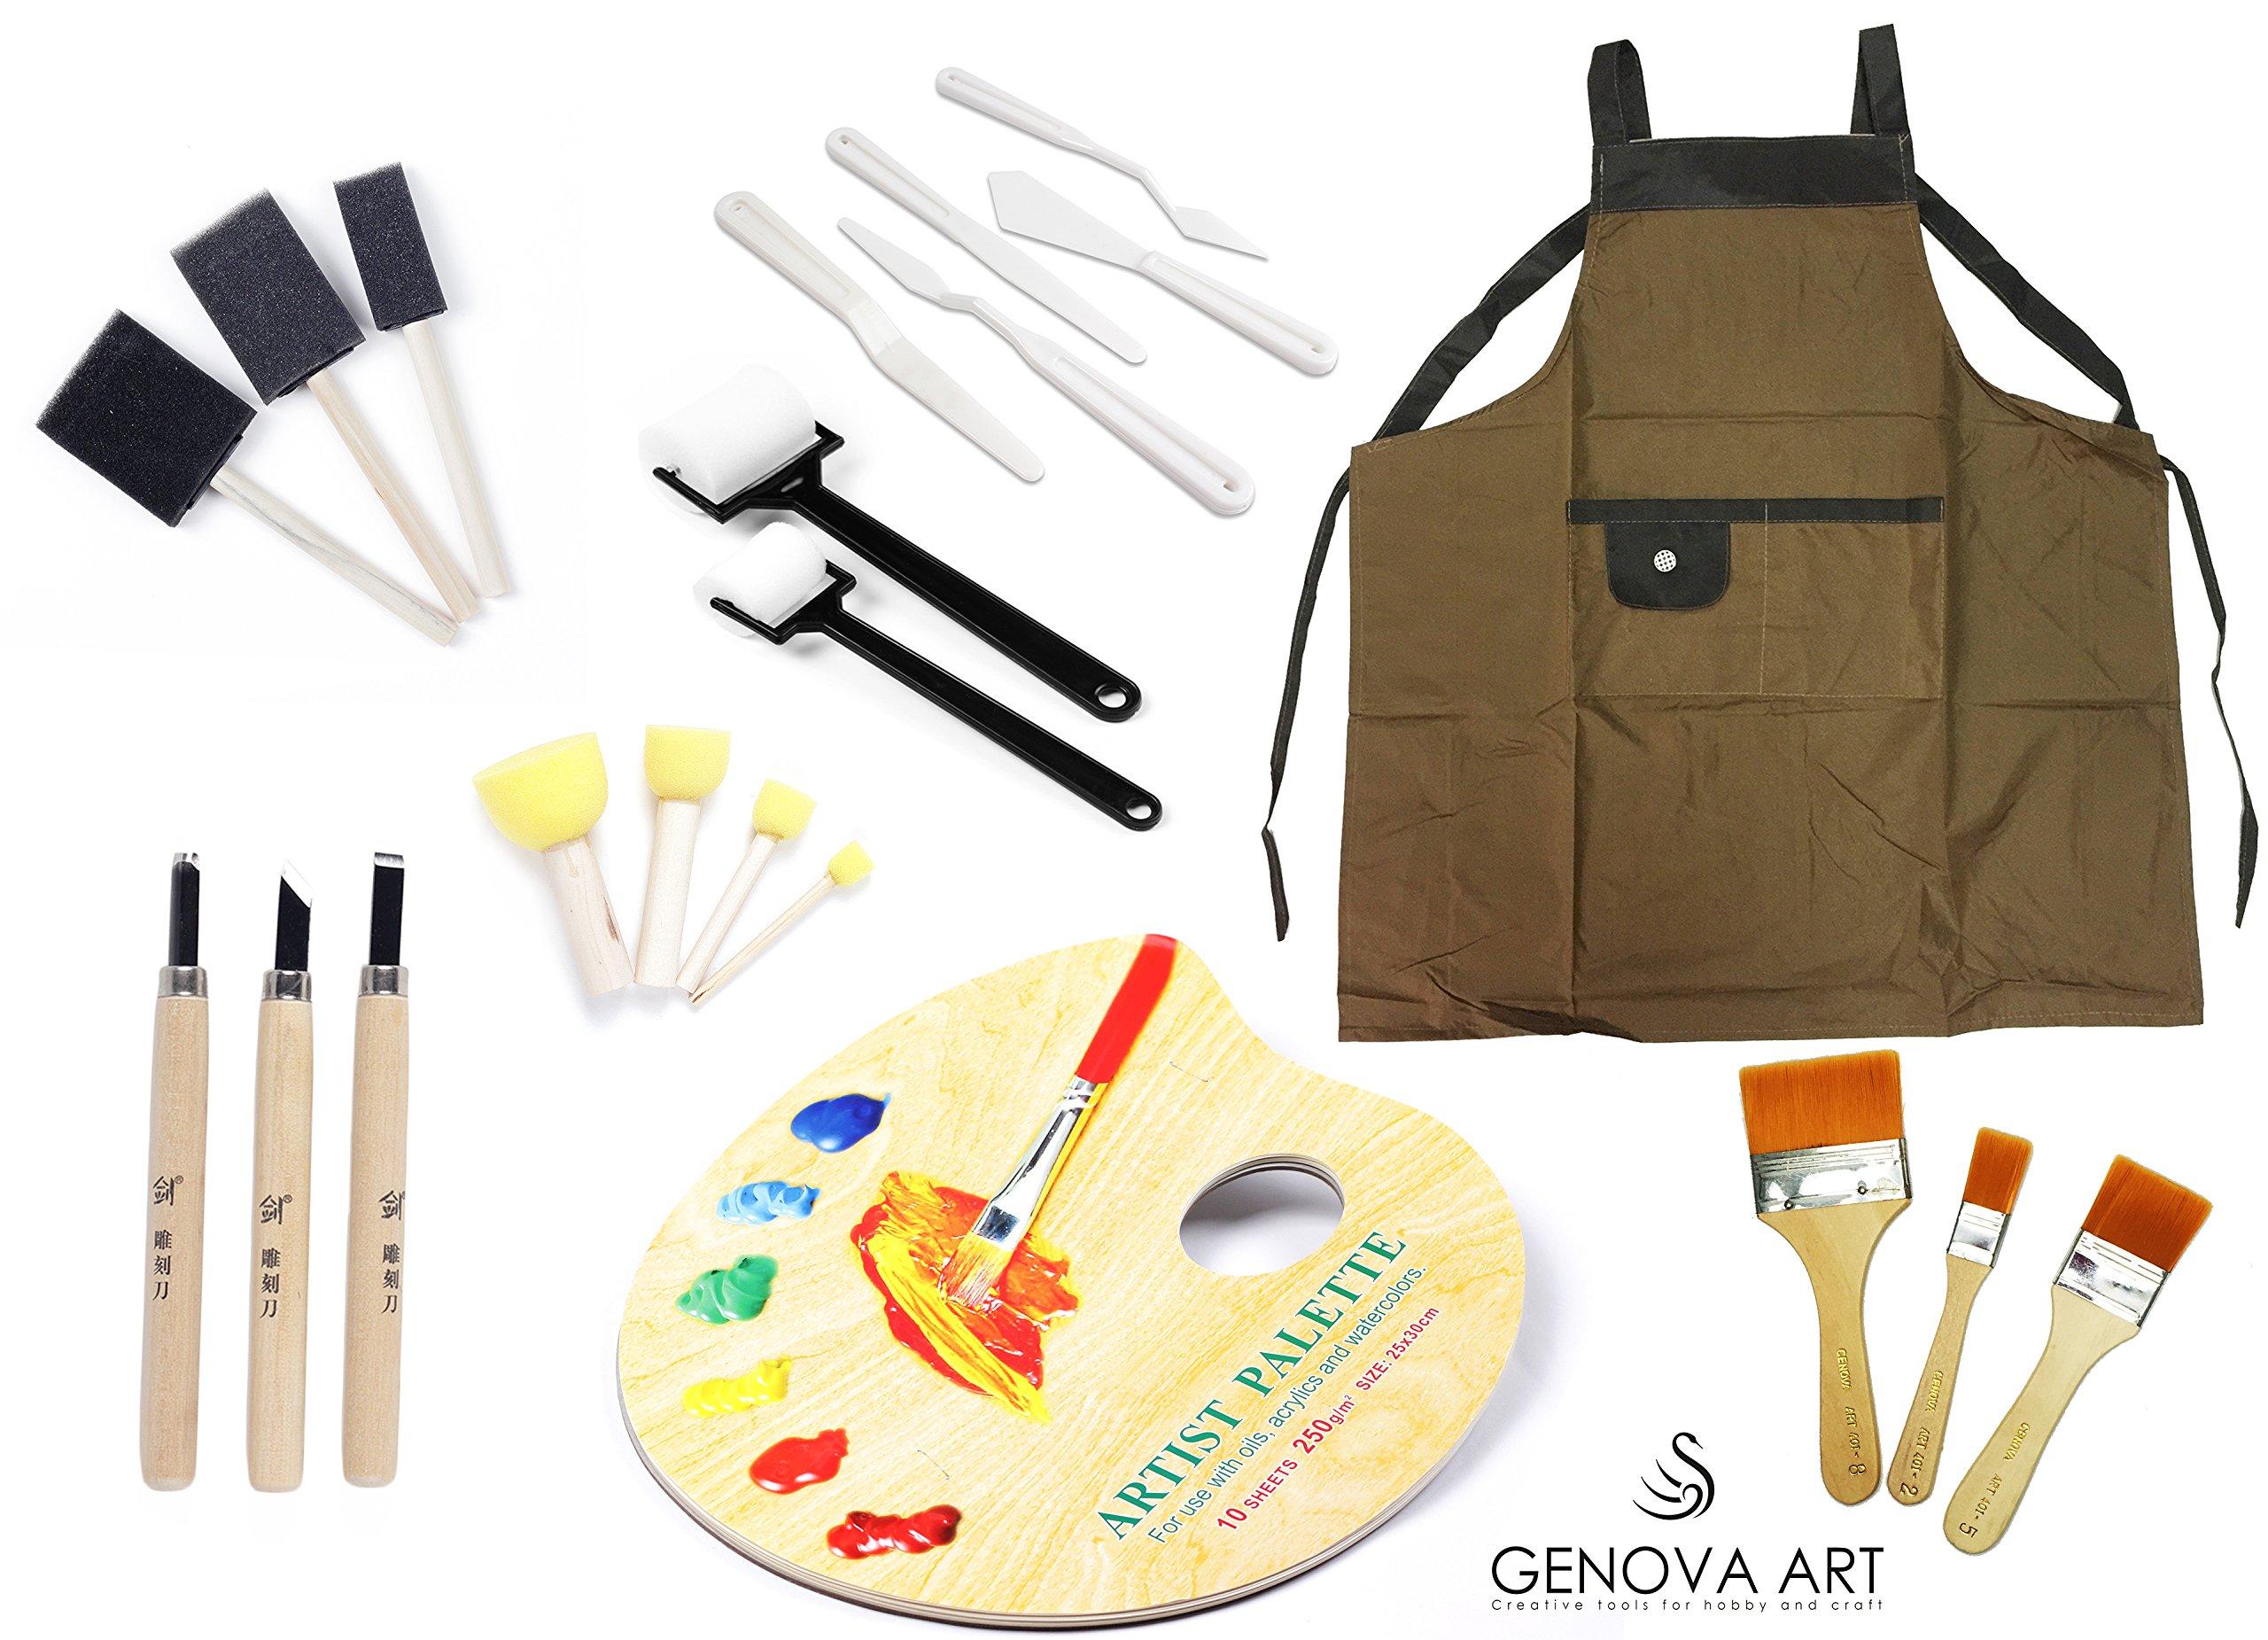 Genova Art Brush Set DIY Paint Kit